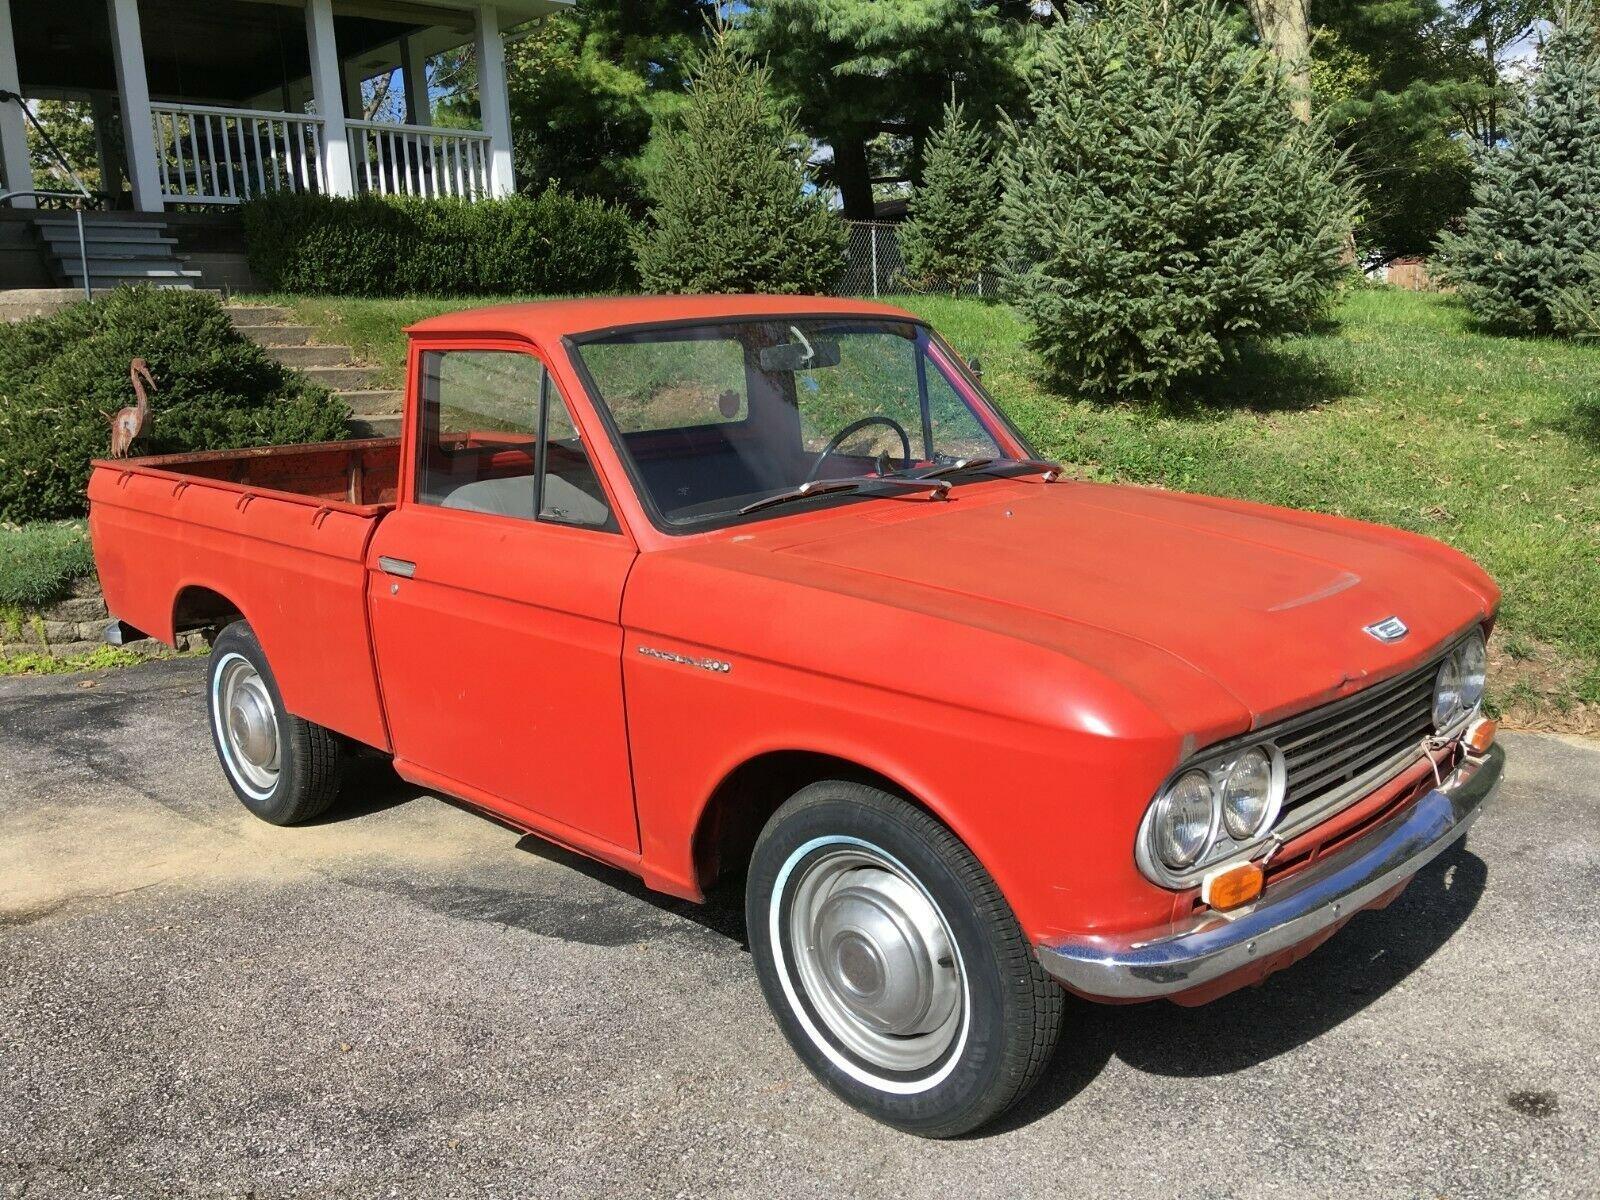 1968 Datsun 520 Standard Bed